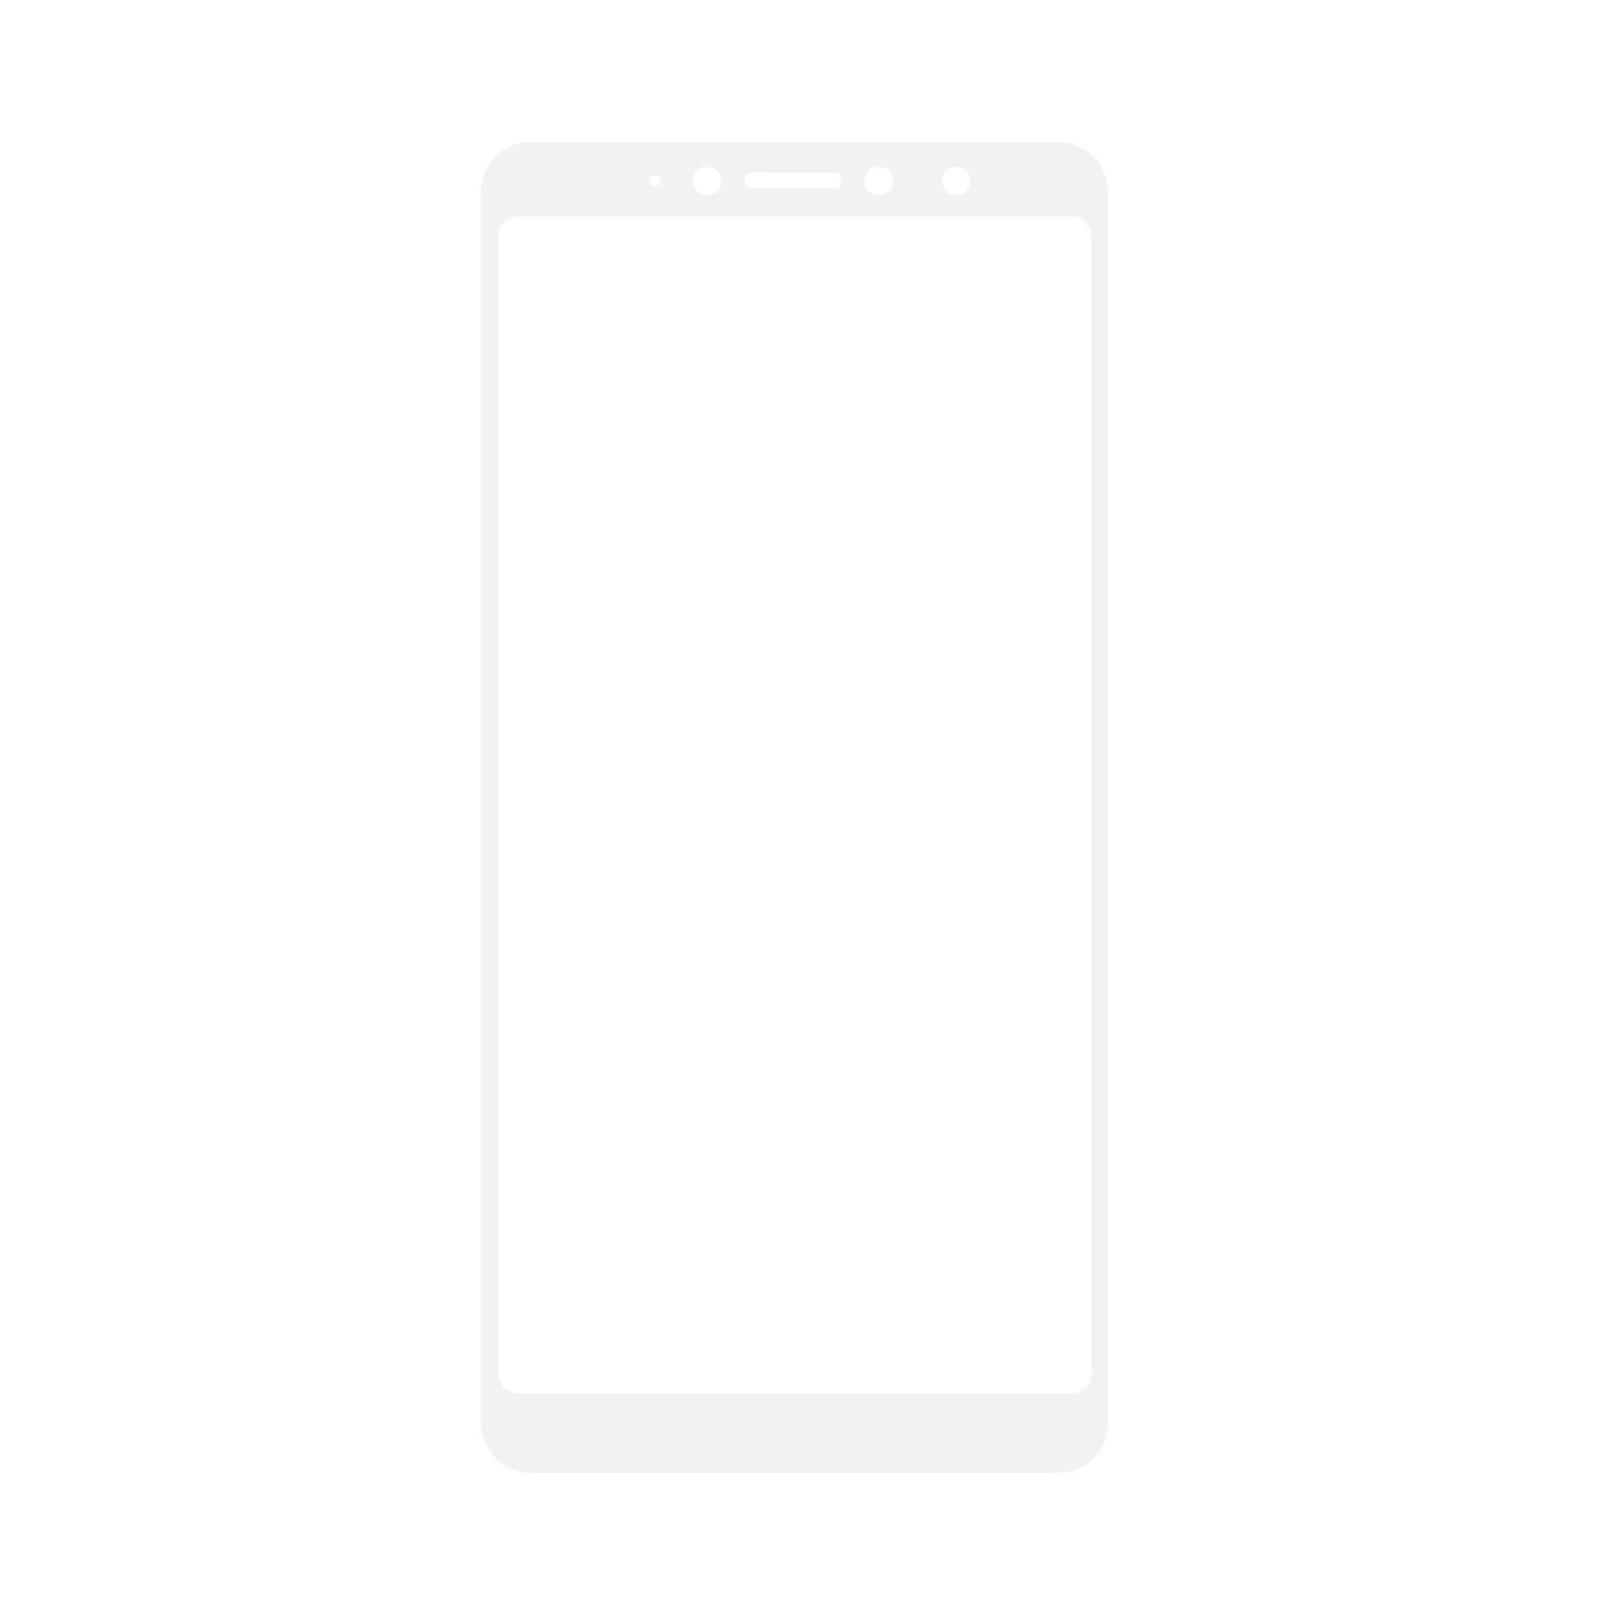 Стекло защитное MakeFuture для Xiaomi Redmi S2 White Full Cover Full Glue (MGFC-XRS2W) изображение 2